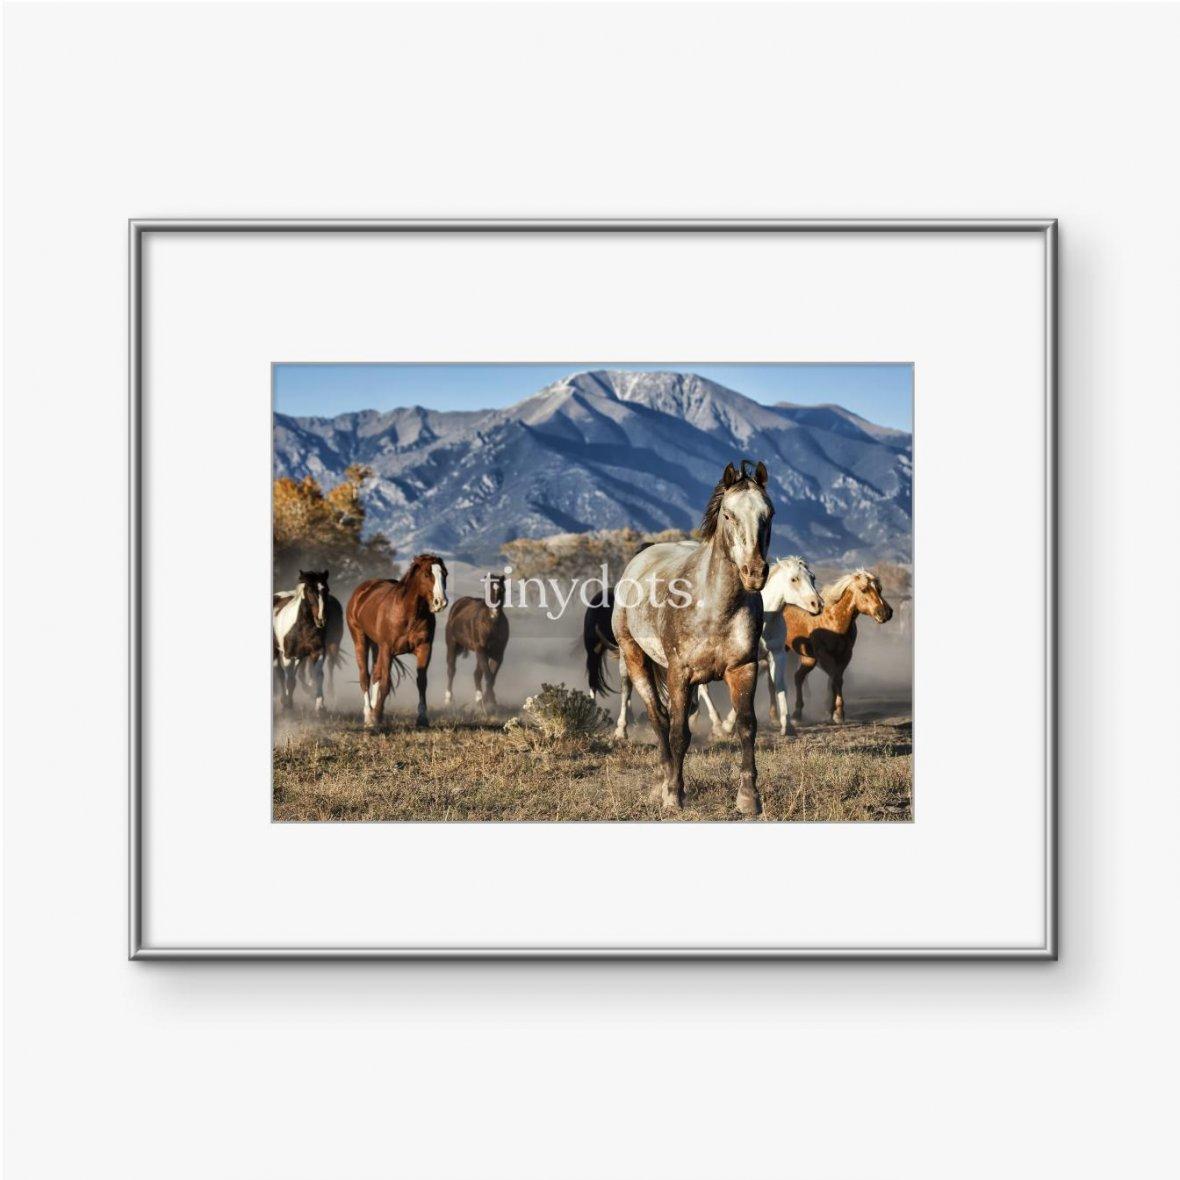 Gerahmte Poster Ein Anführer von Laufpferden mit Bergkulisse